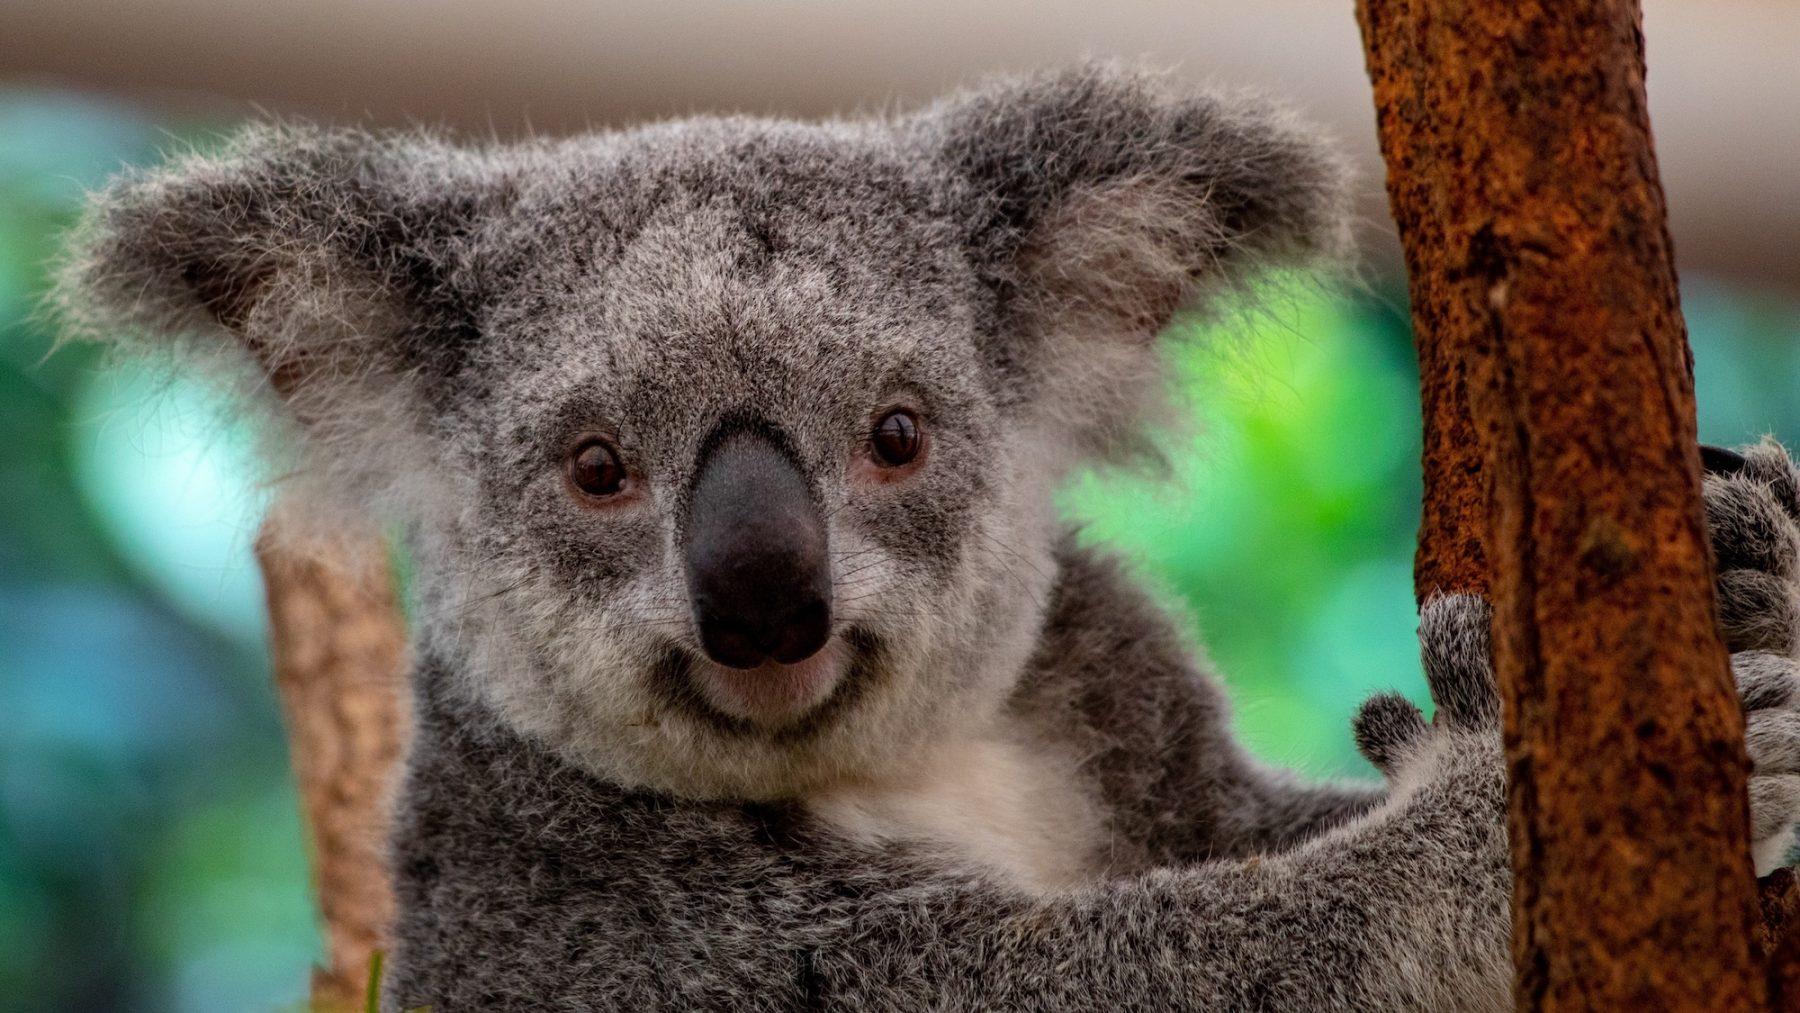 400 Australische koala's krijgen inenting tegen geslachtsziekte